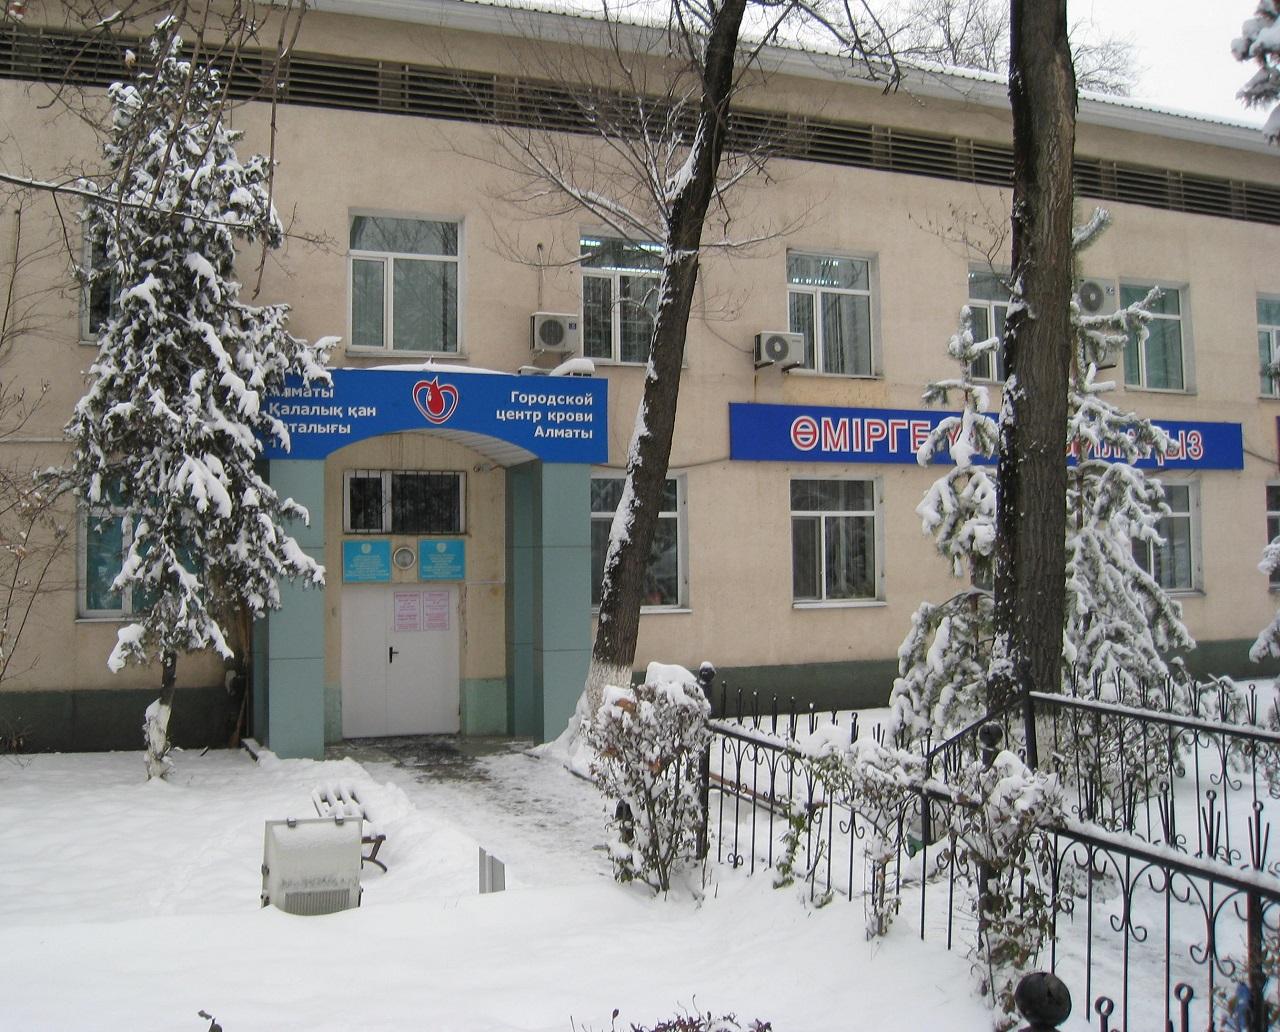 Городской центр крови г.Алматы